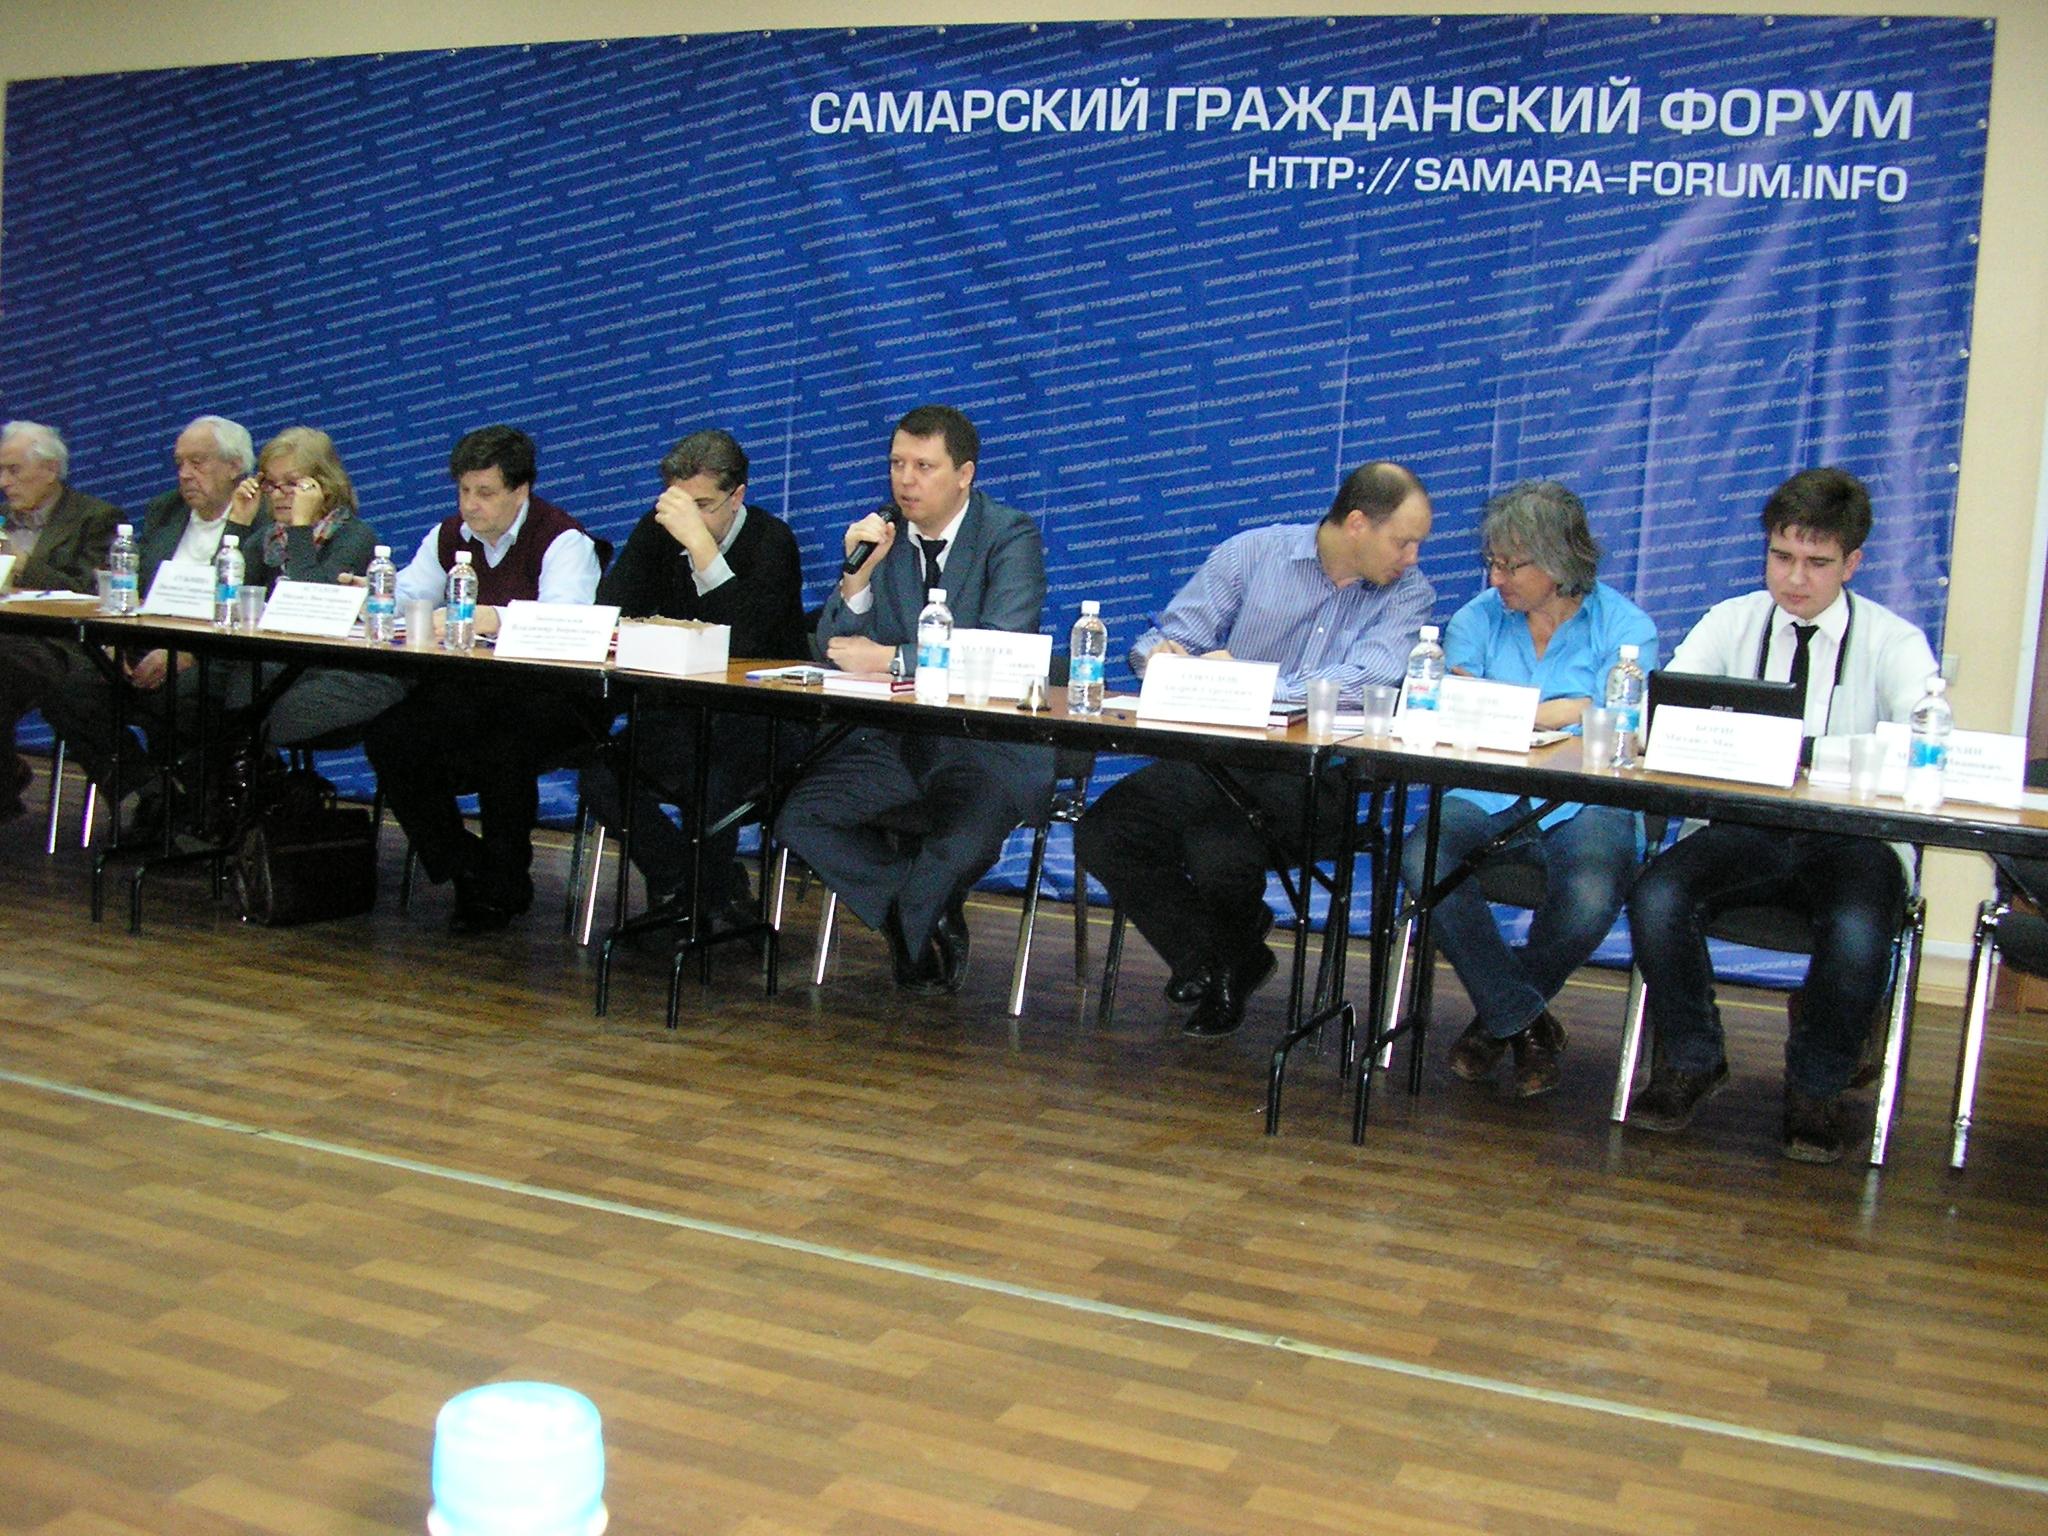 Гражданский_Форум_09-12-12-02